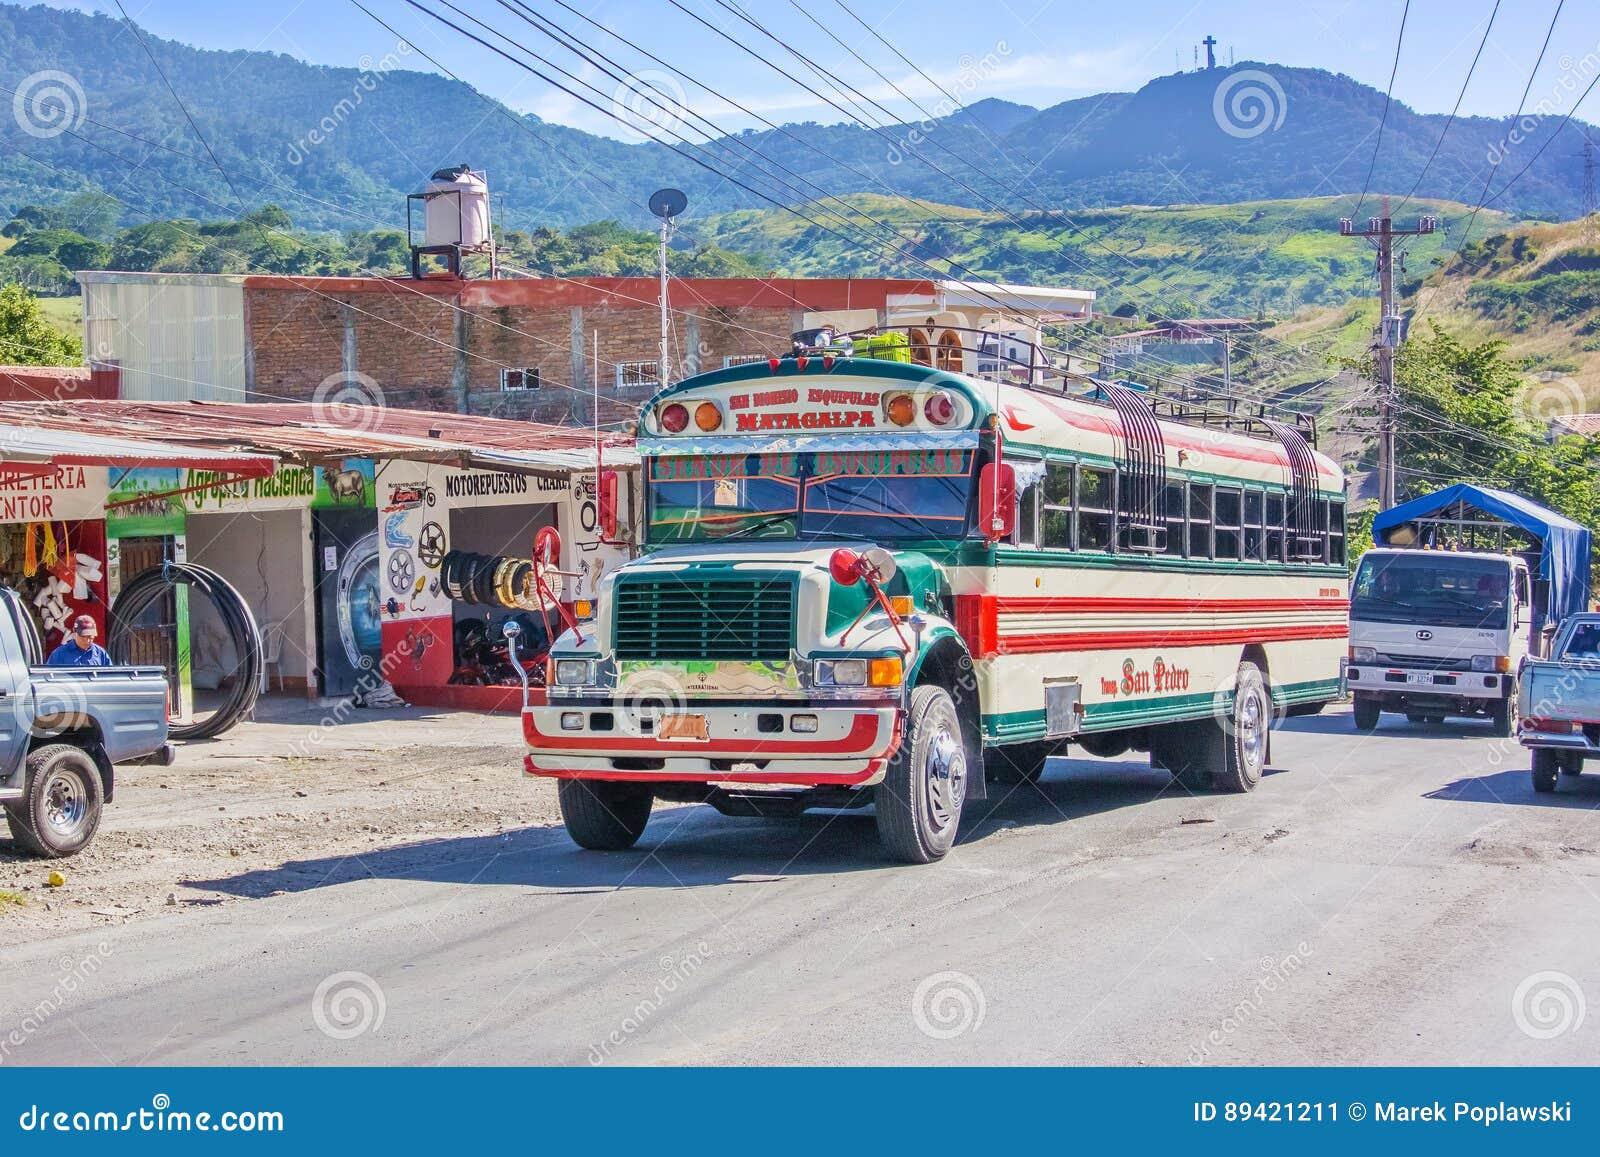 Ônibus local colorido na cidade de Matagalpa em Nicarágua